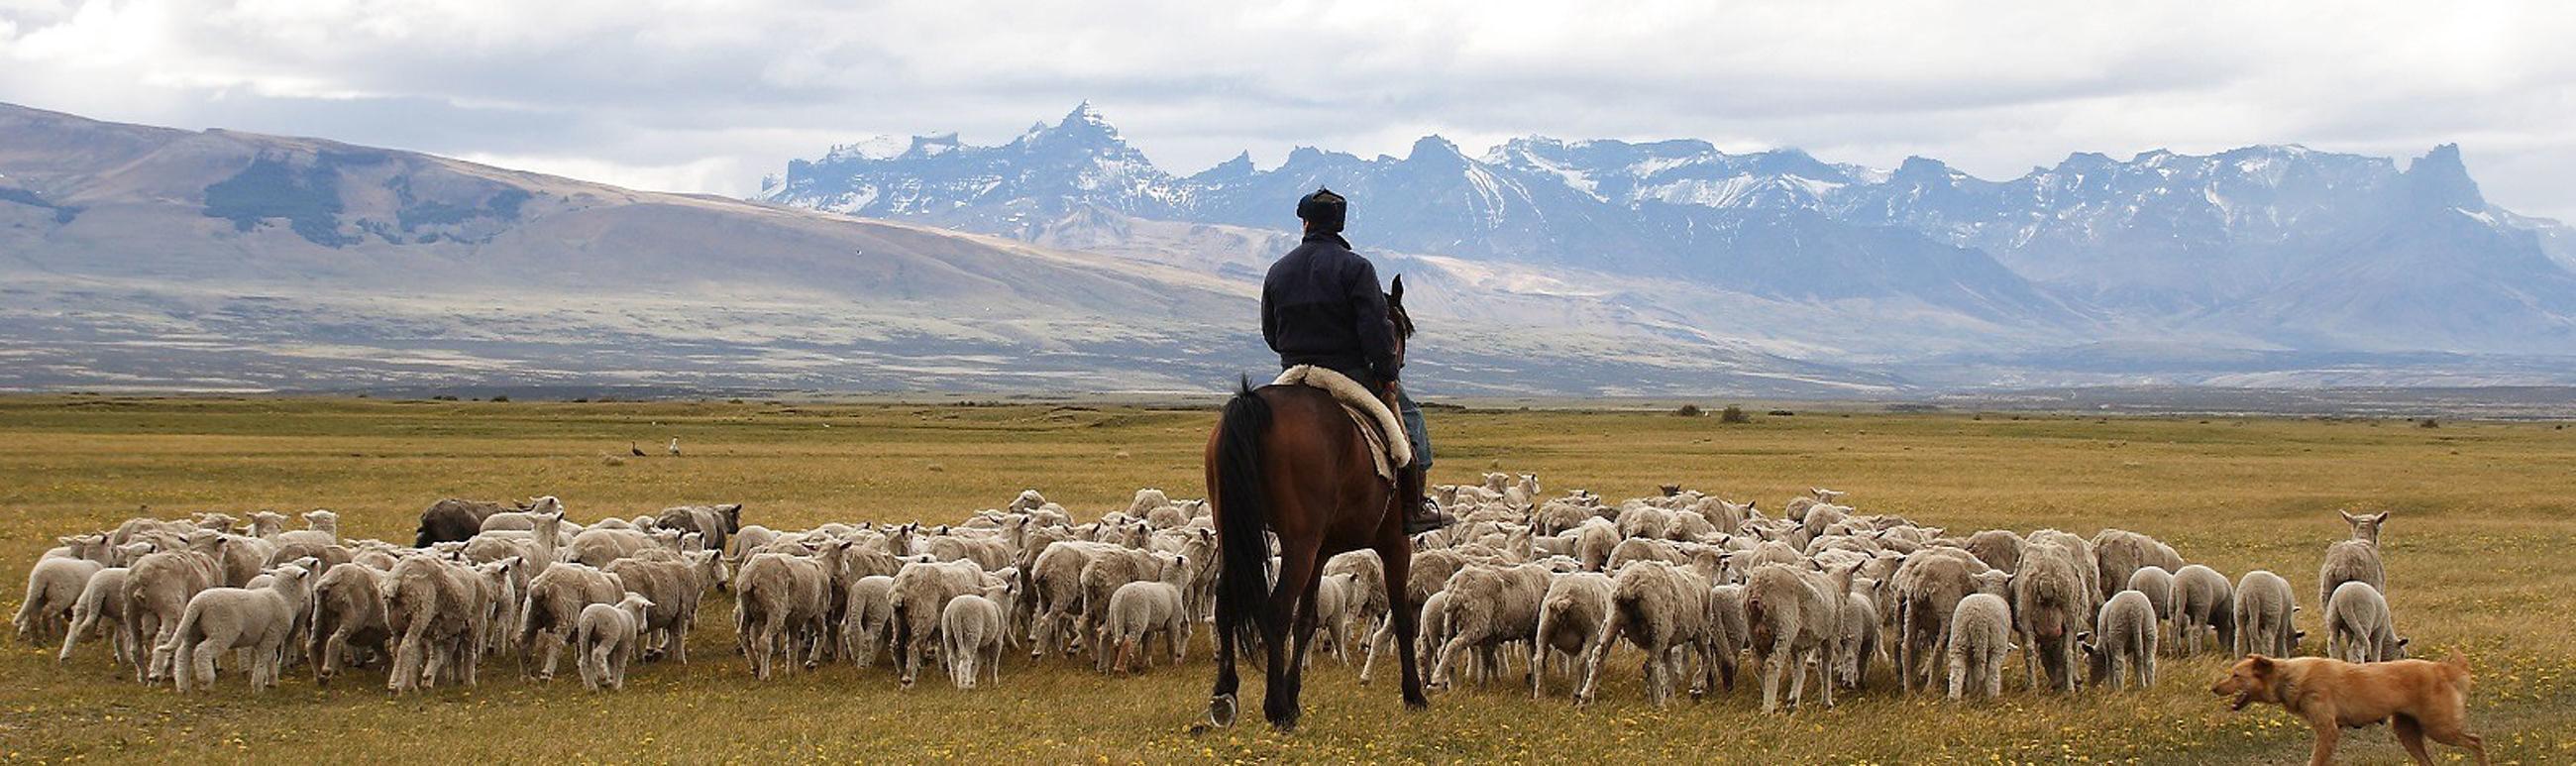 Awasi Patagonia Chili Luxe Reizen5